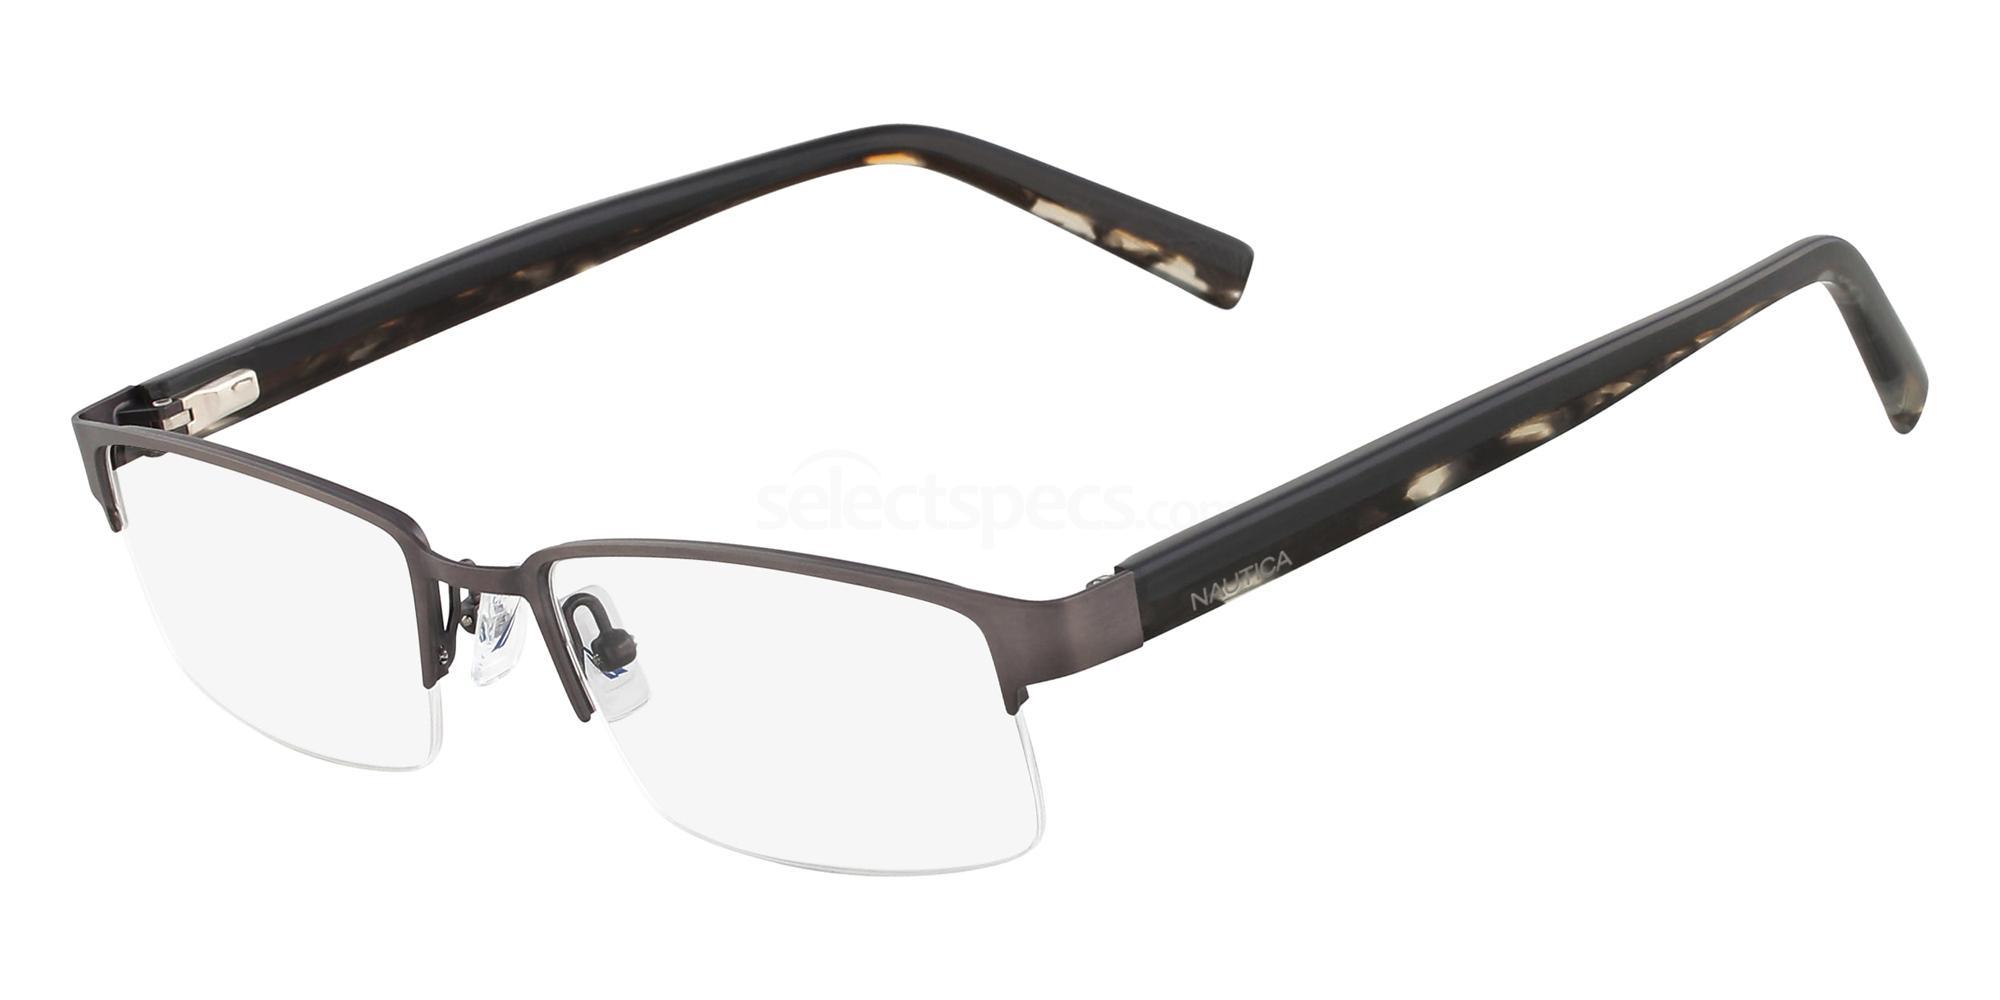 033 N7229 Glasses, Nautica